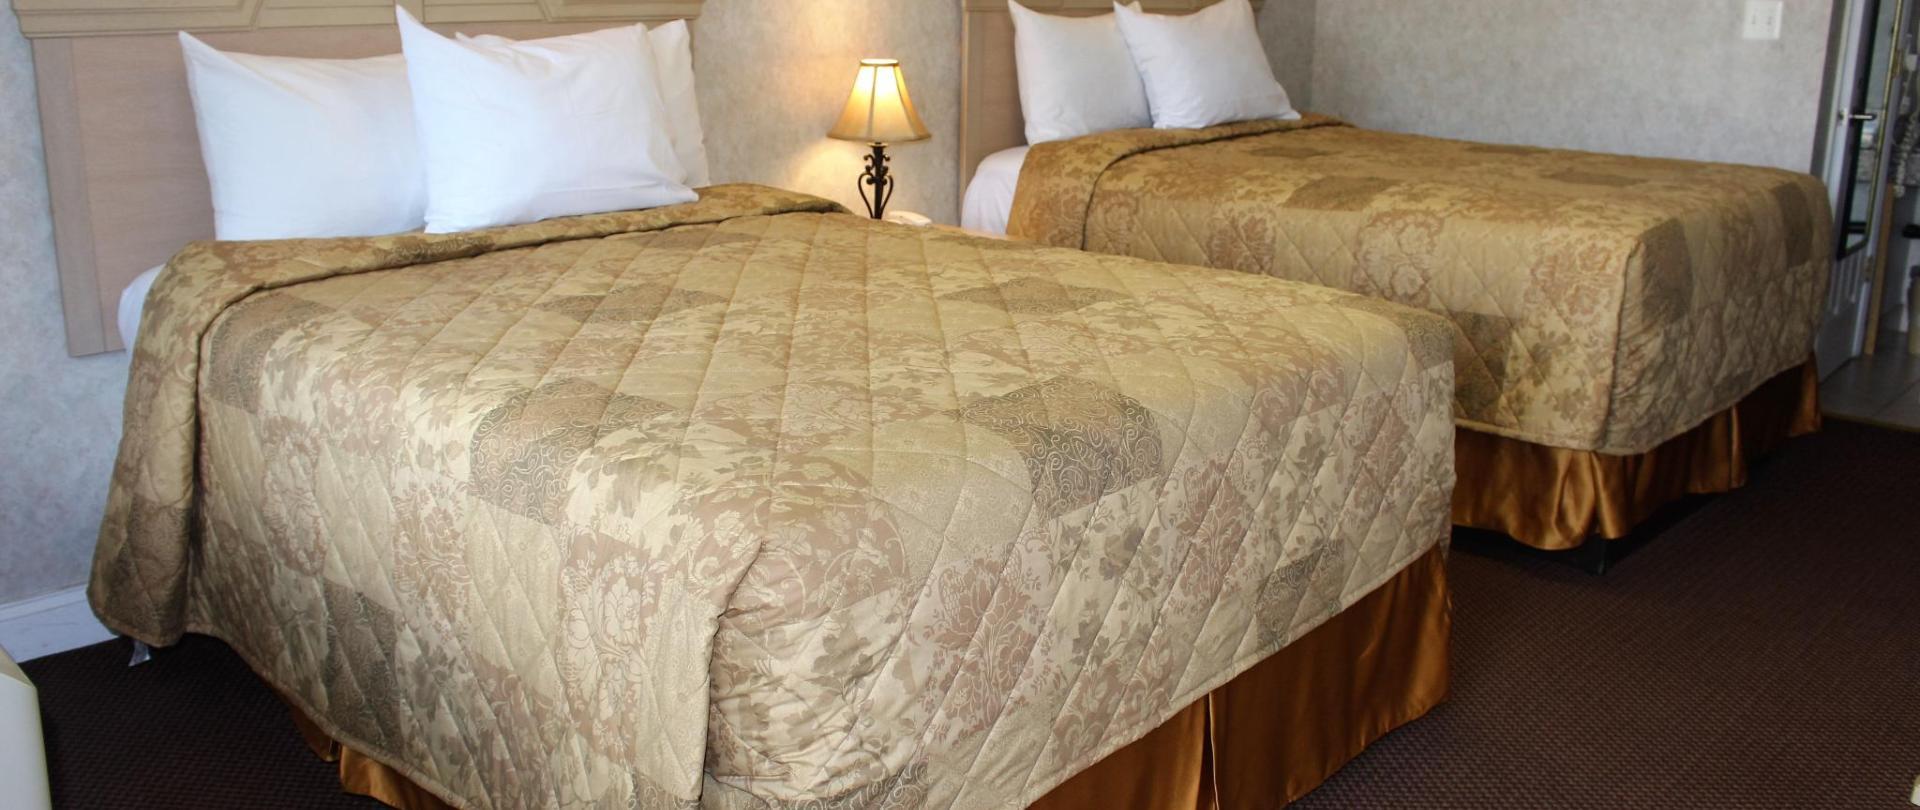 Deluxe Double Bed 2.JPG